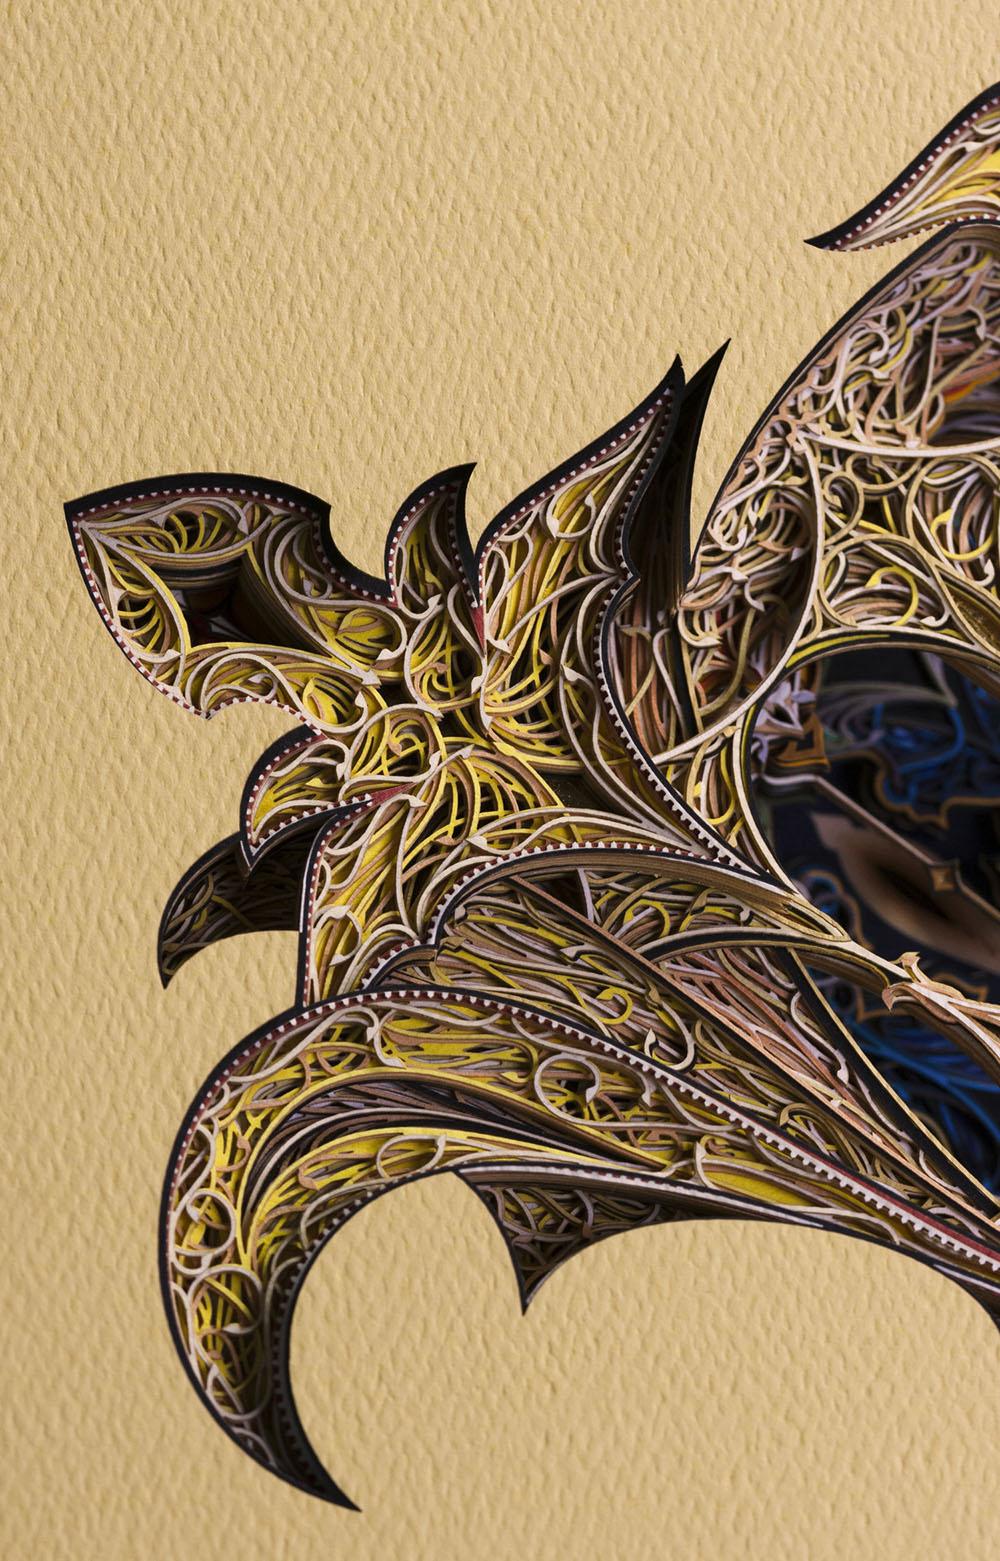 Phidala, detail. Cut paper, gold leaf, 24″ x 30″, 2017.